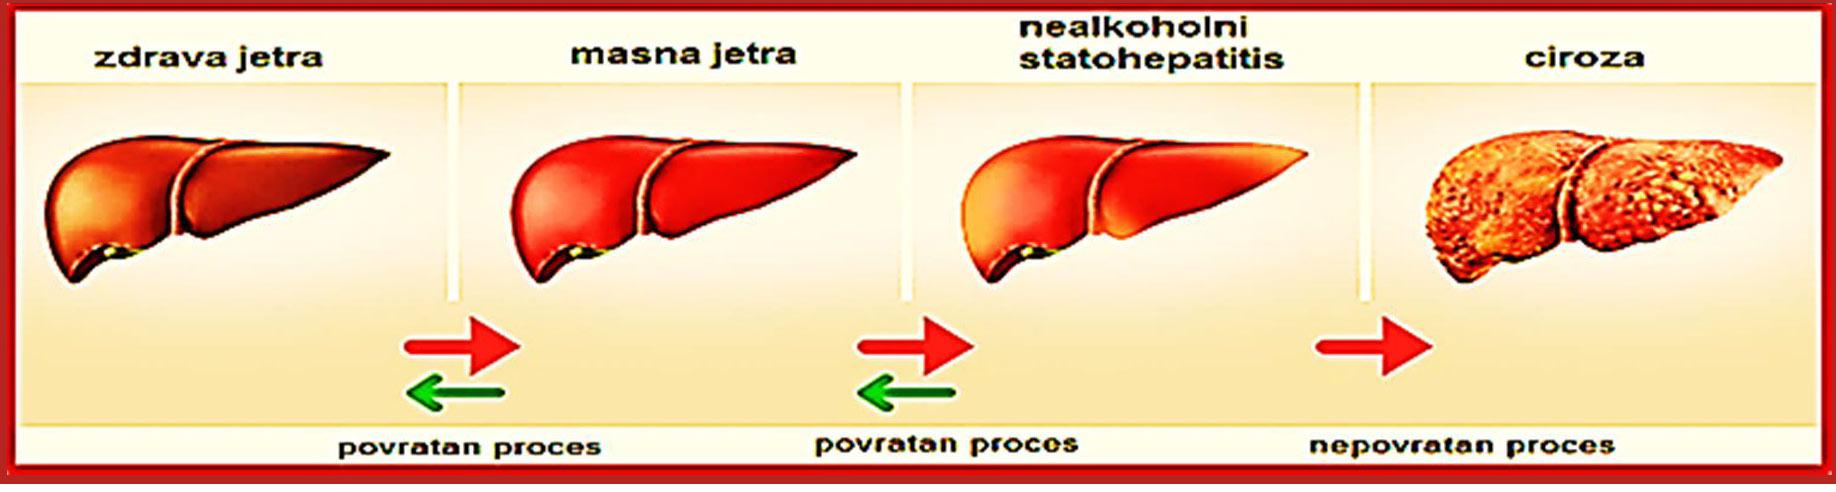 Masna jetra – uzroci, simptomi i liječenje | Bolesti - Kreni zdravo!